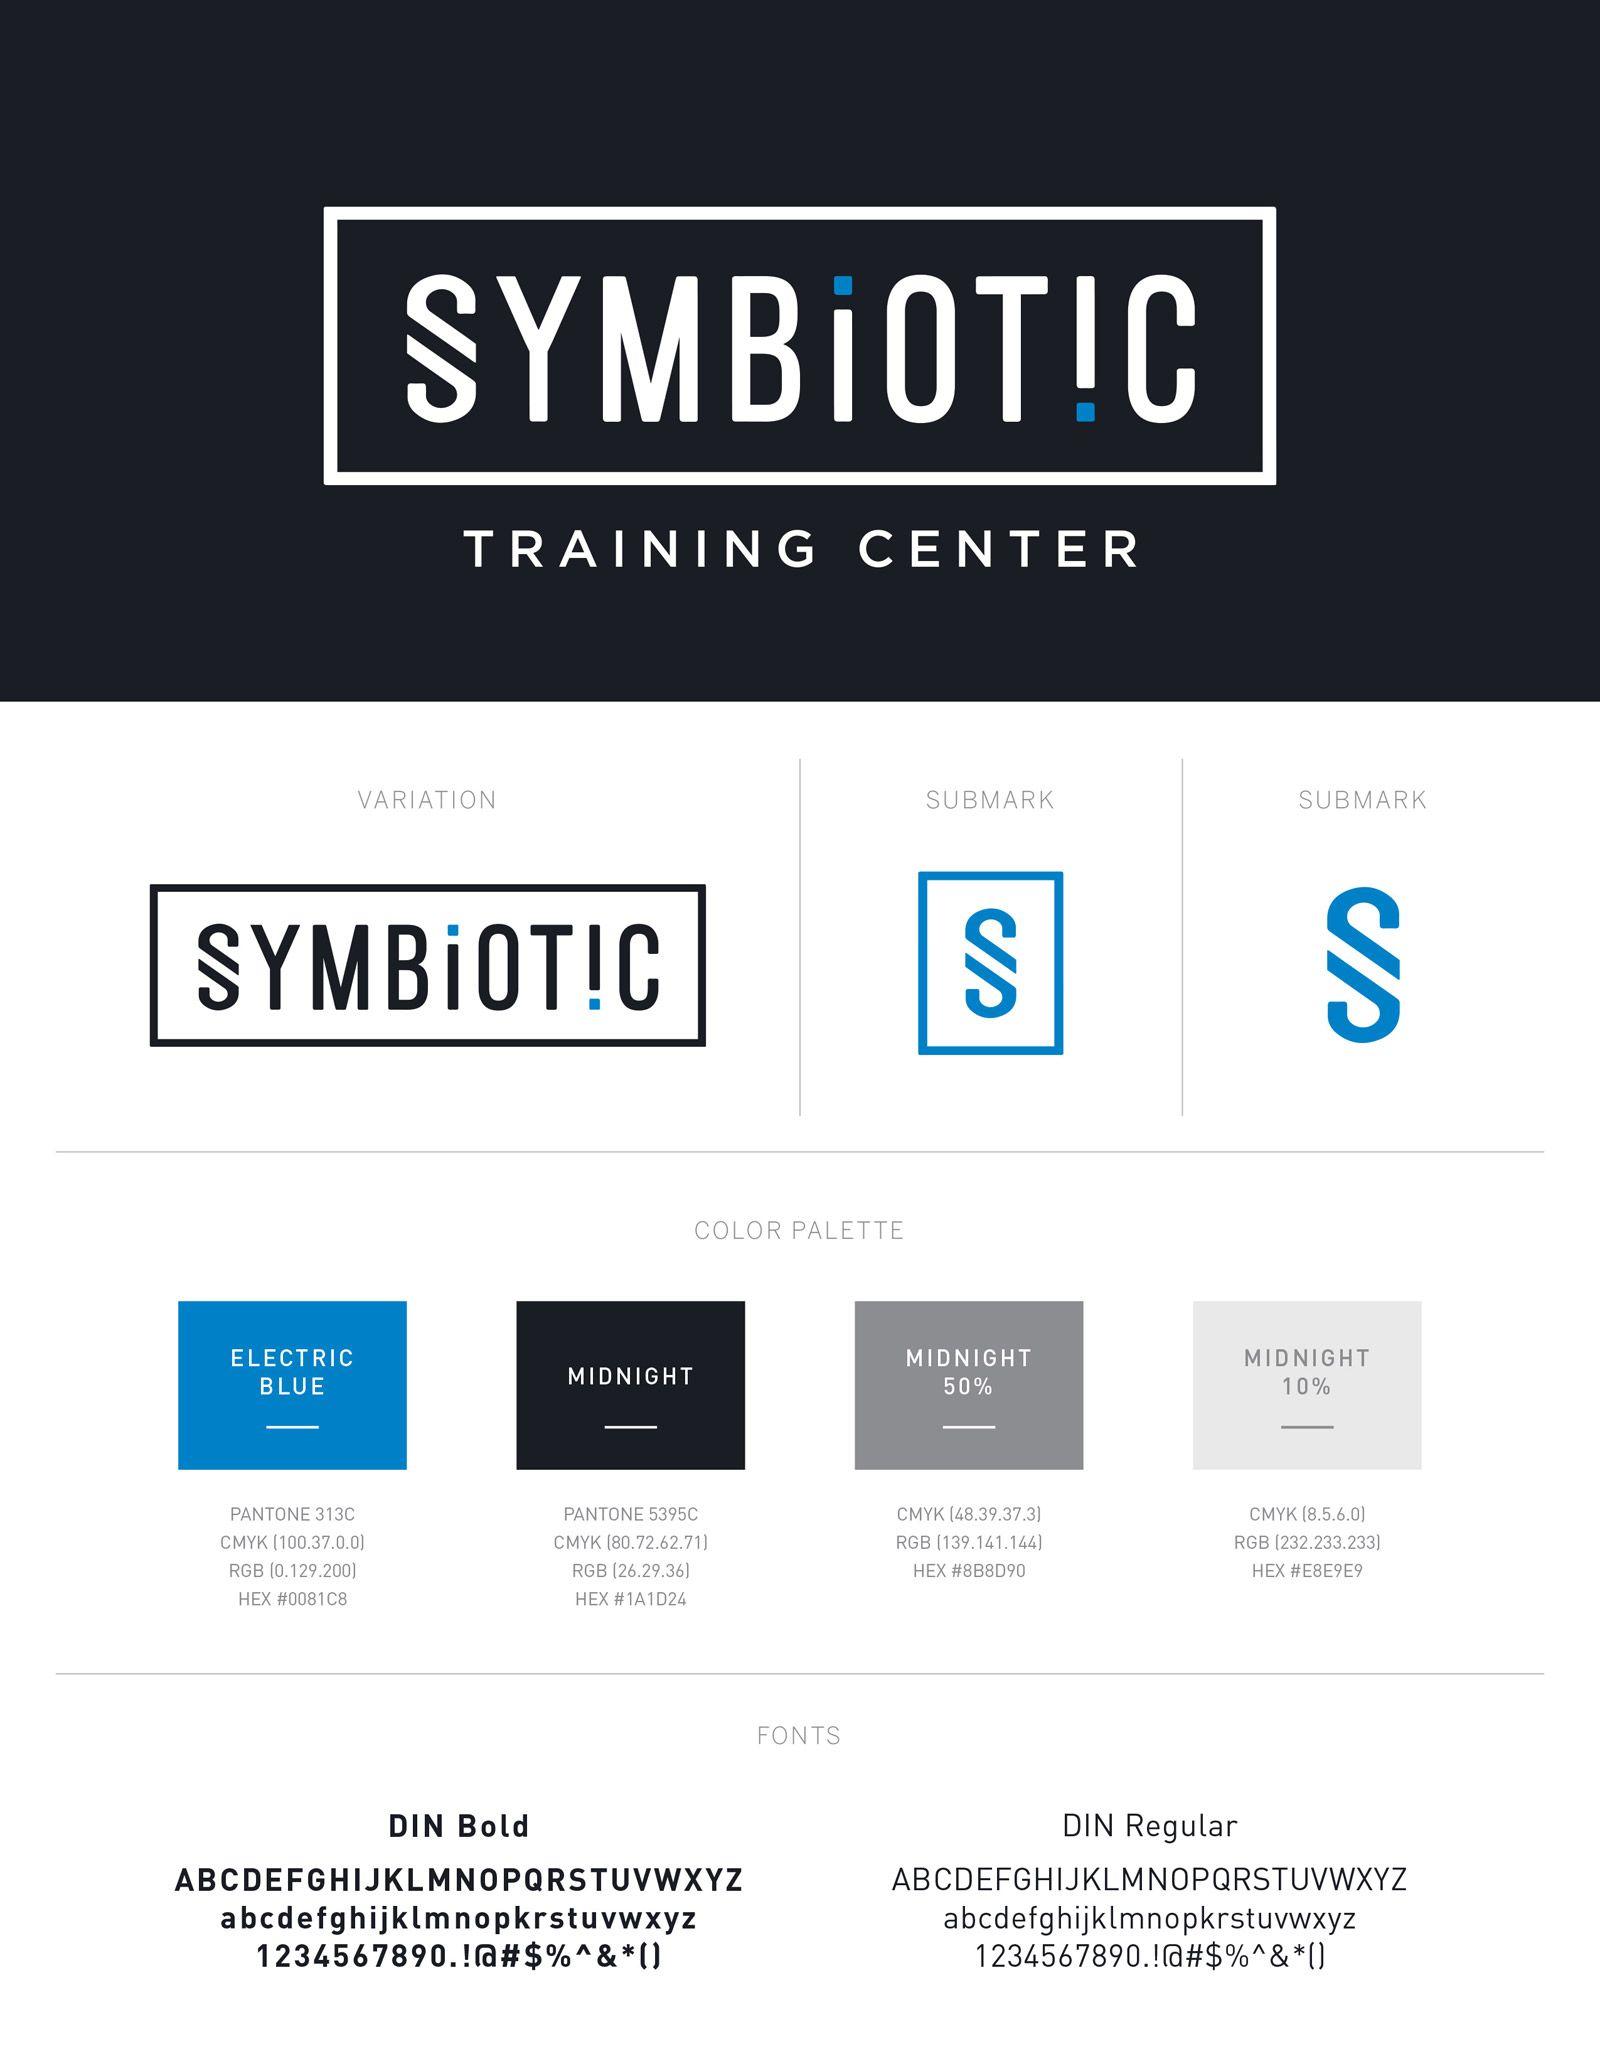 Symbiotic Training Center Alfa Charlie Creative Agency Training Center Creative Agency Train